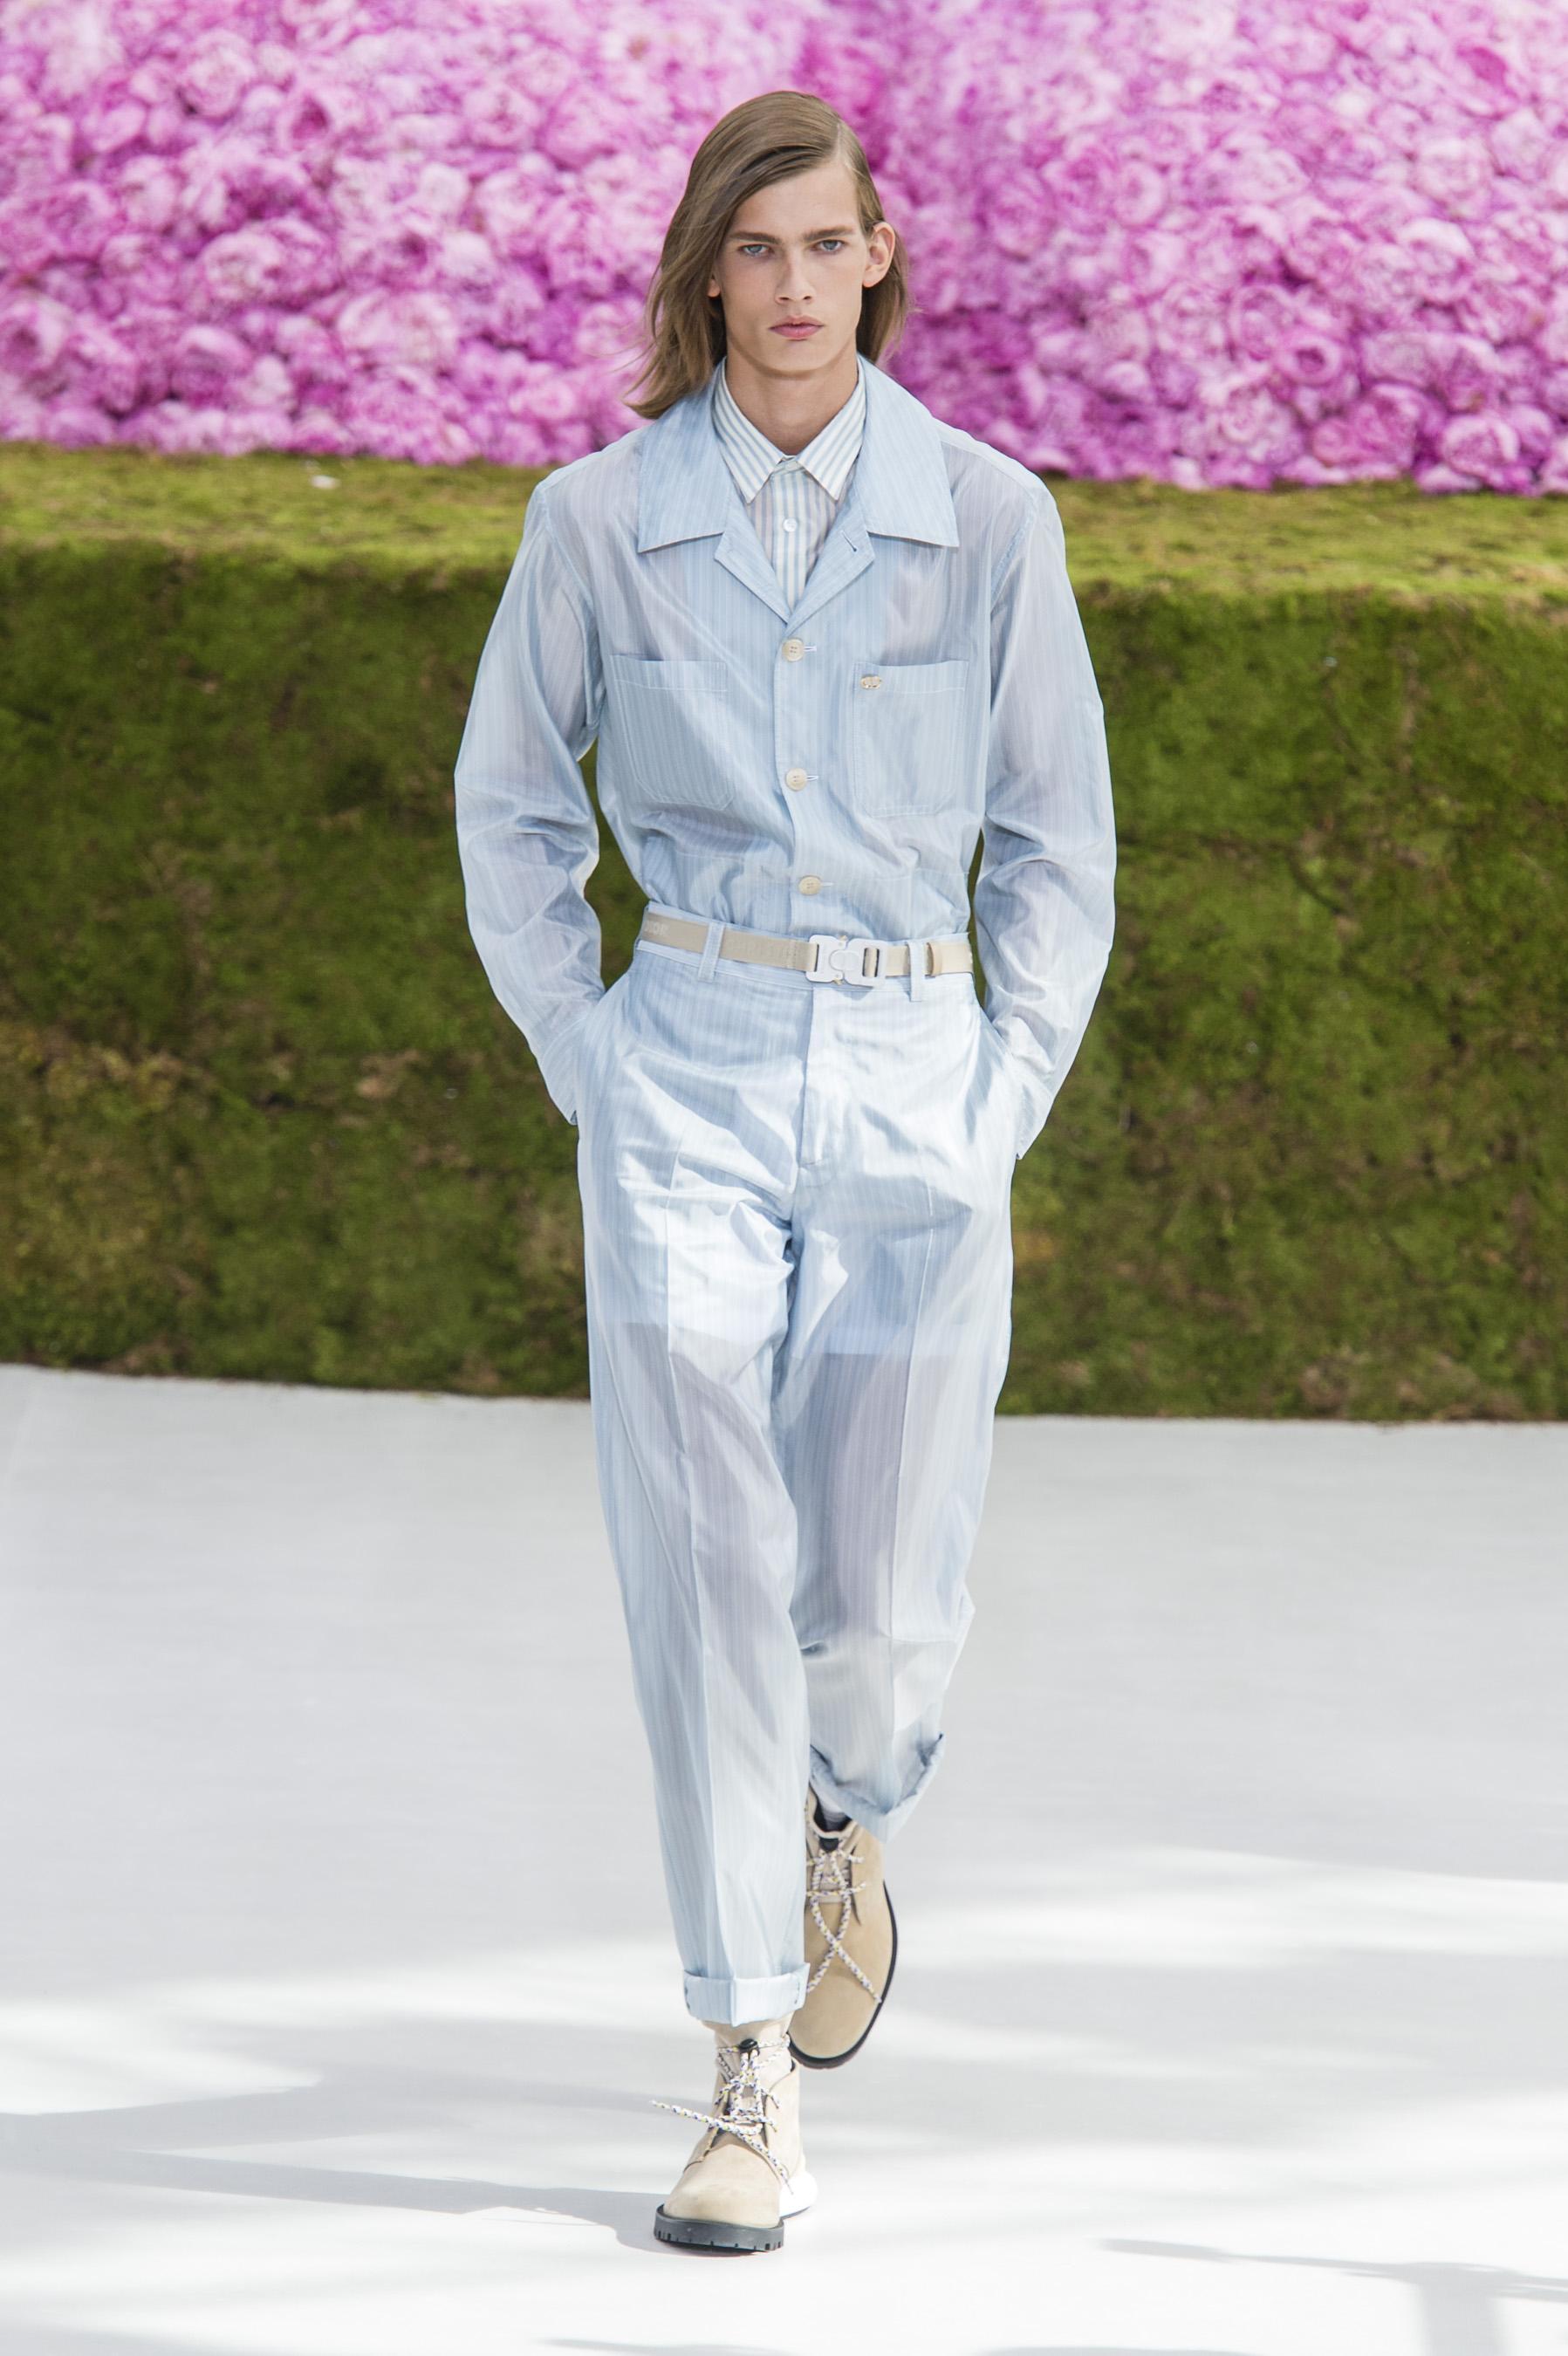 Défilé Dior Homme Printemps été 2019 Homme Madame Figaro